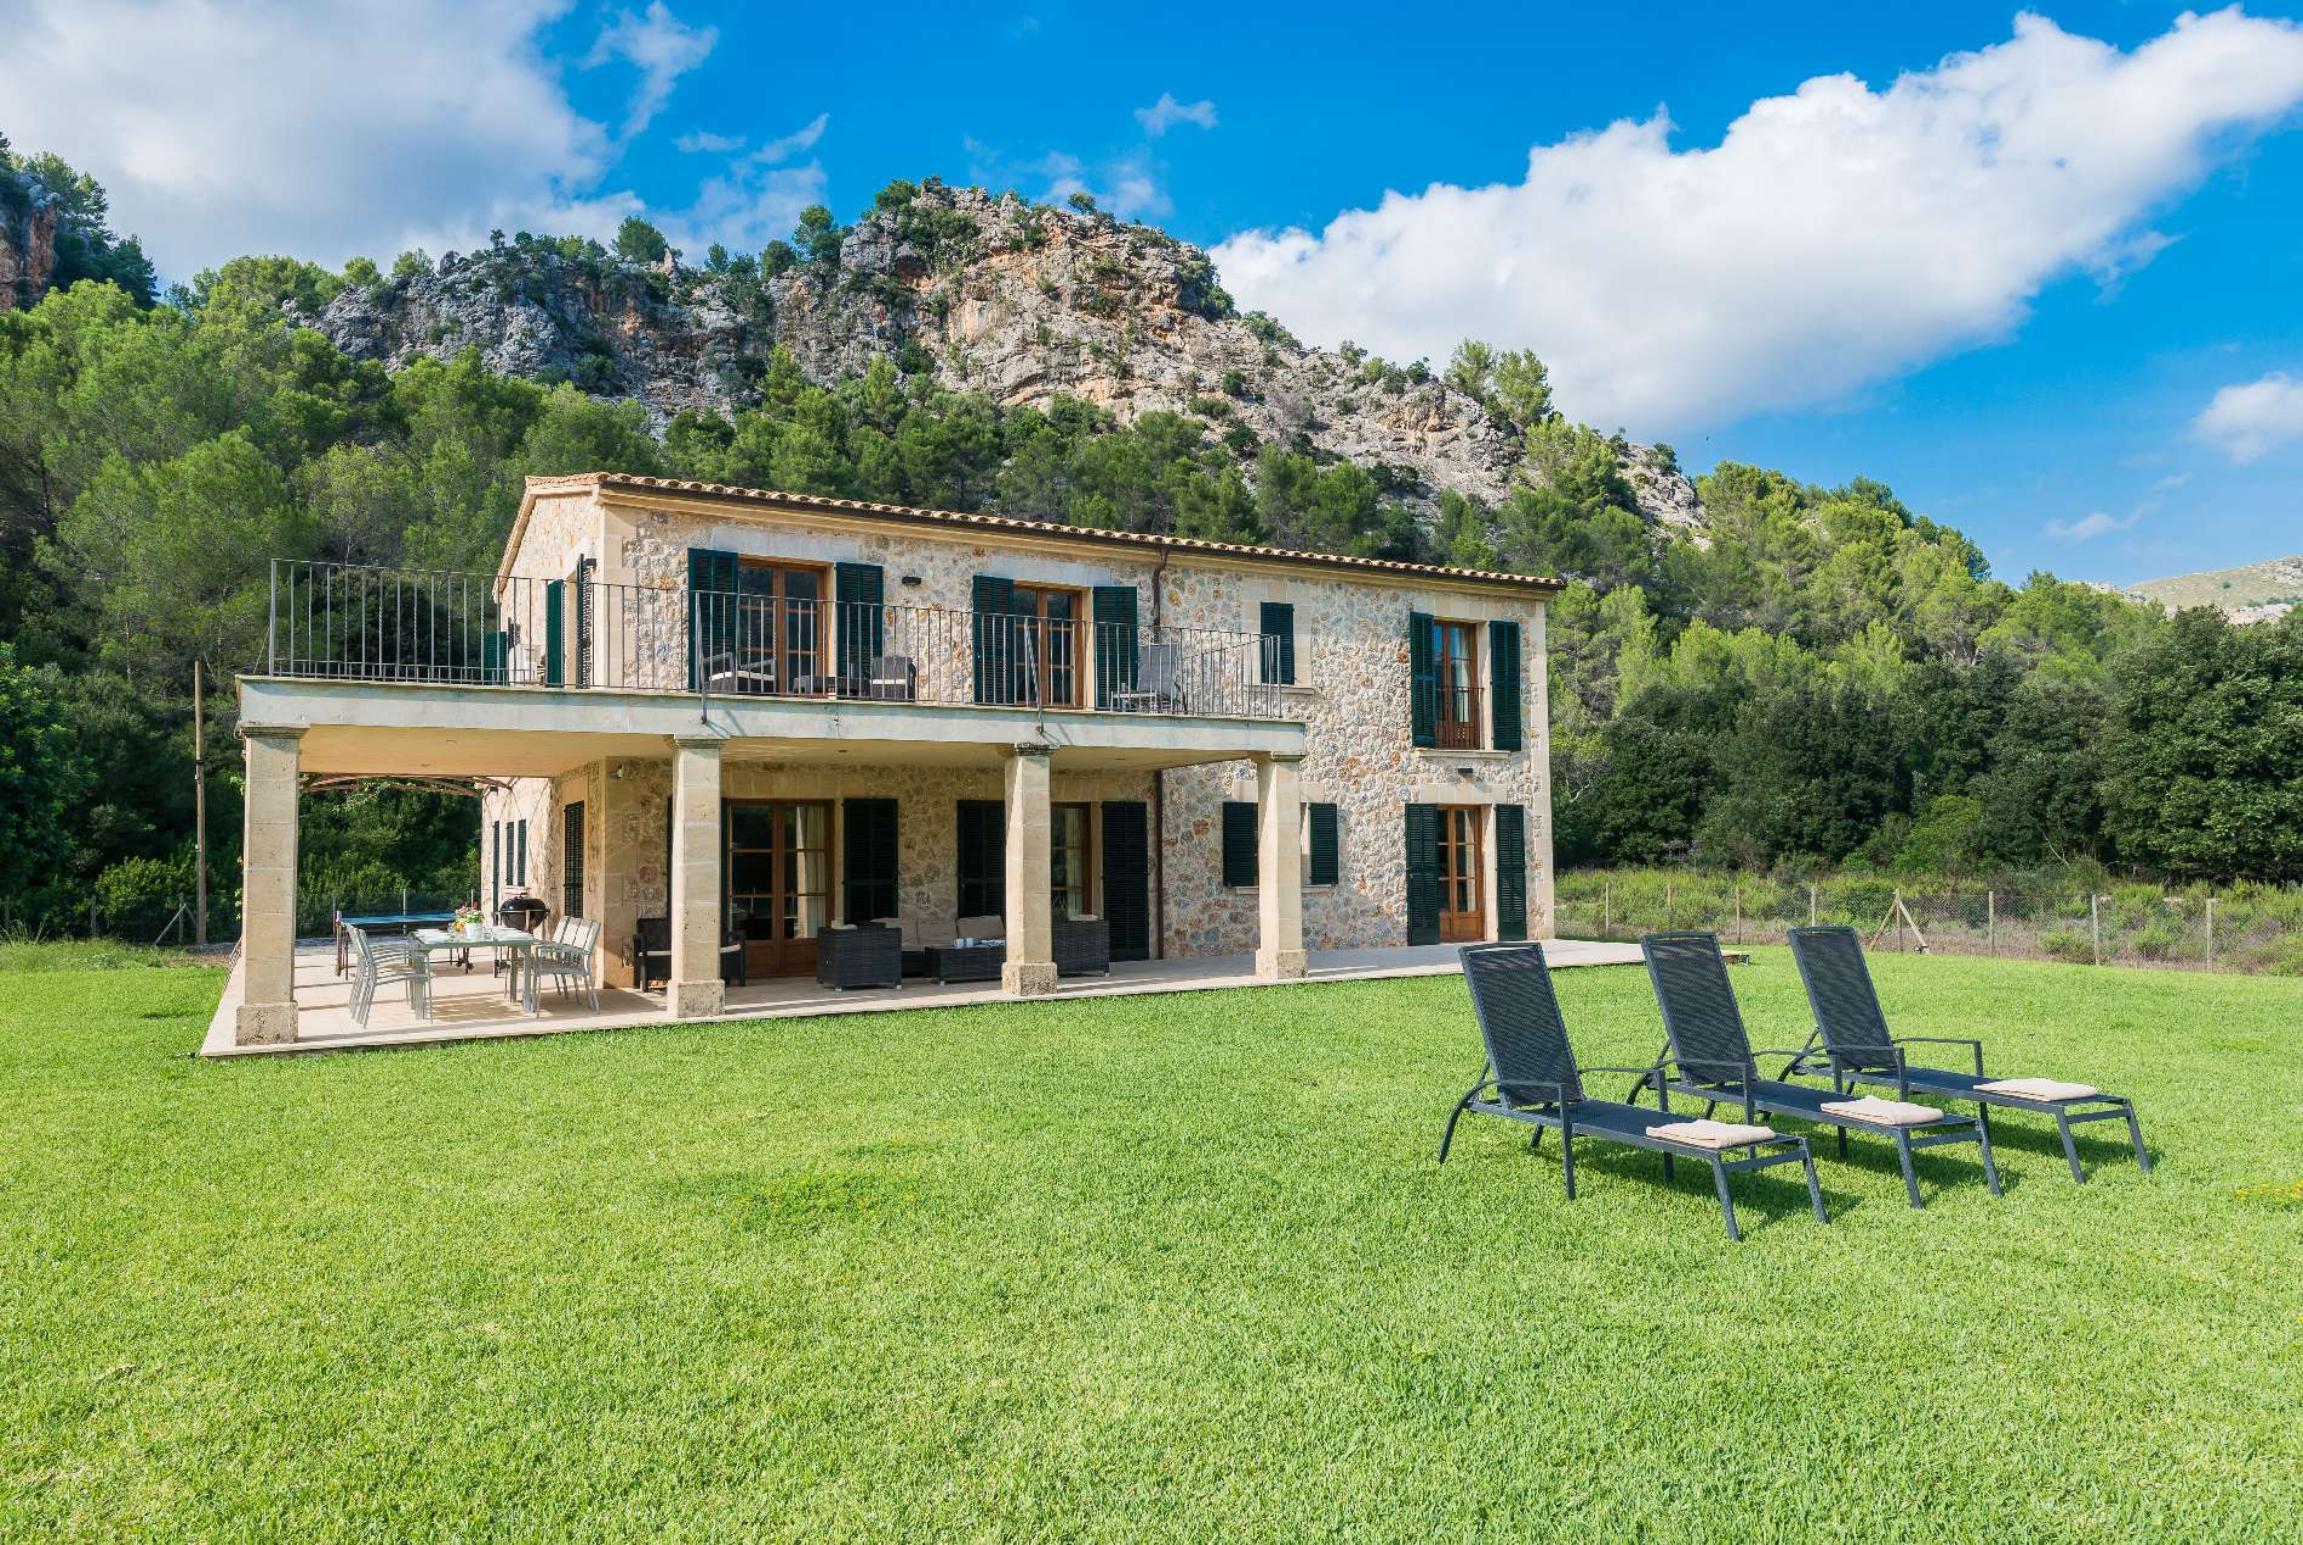 Ferienhaus Vall d'en Marc (2654334), Pollença, Mallorca, Balearische Inseln, Spanien, Bild 29